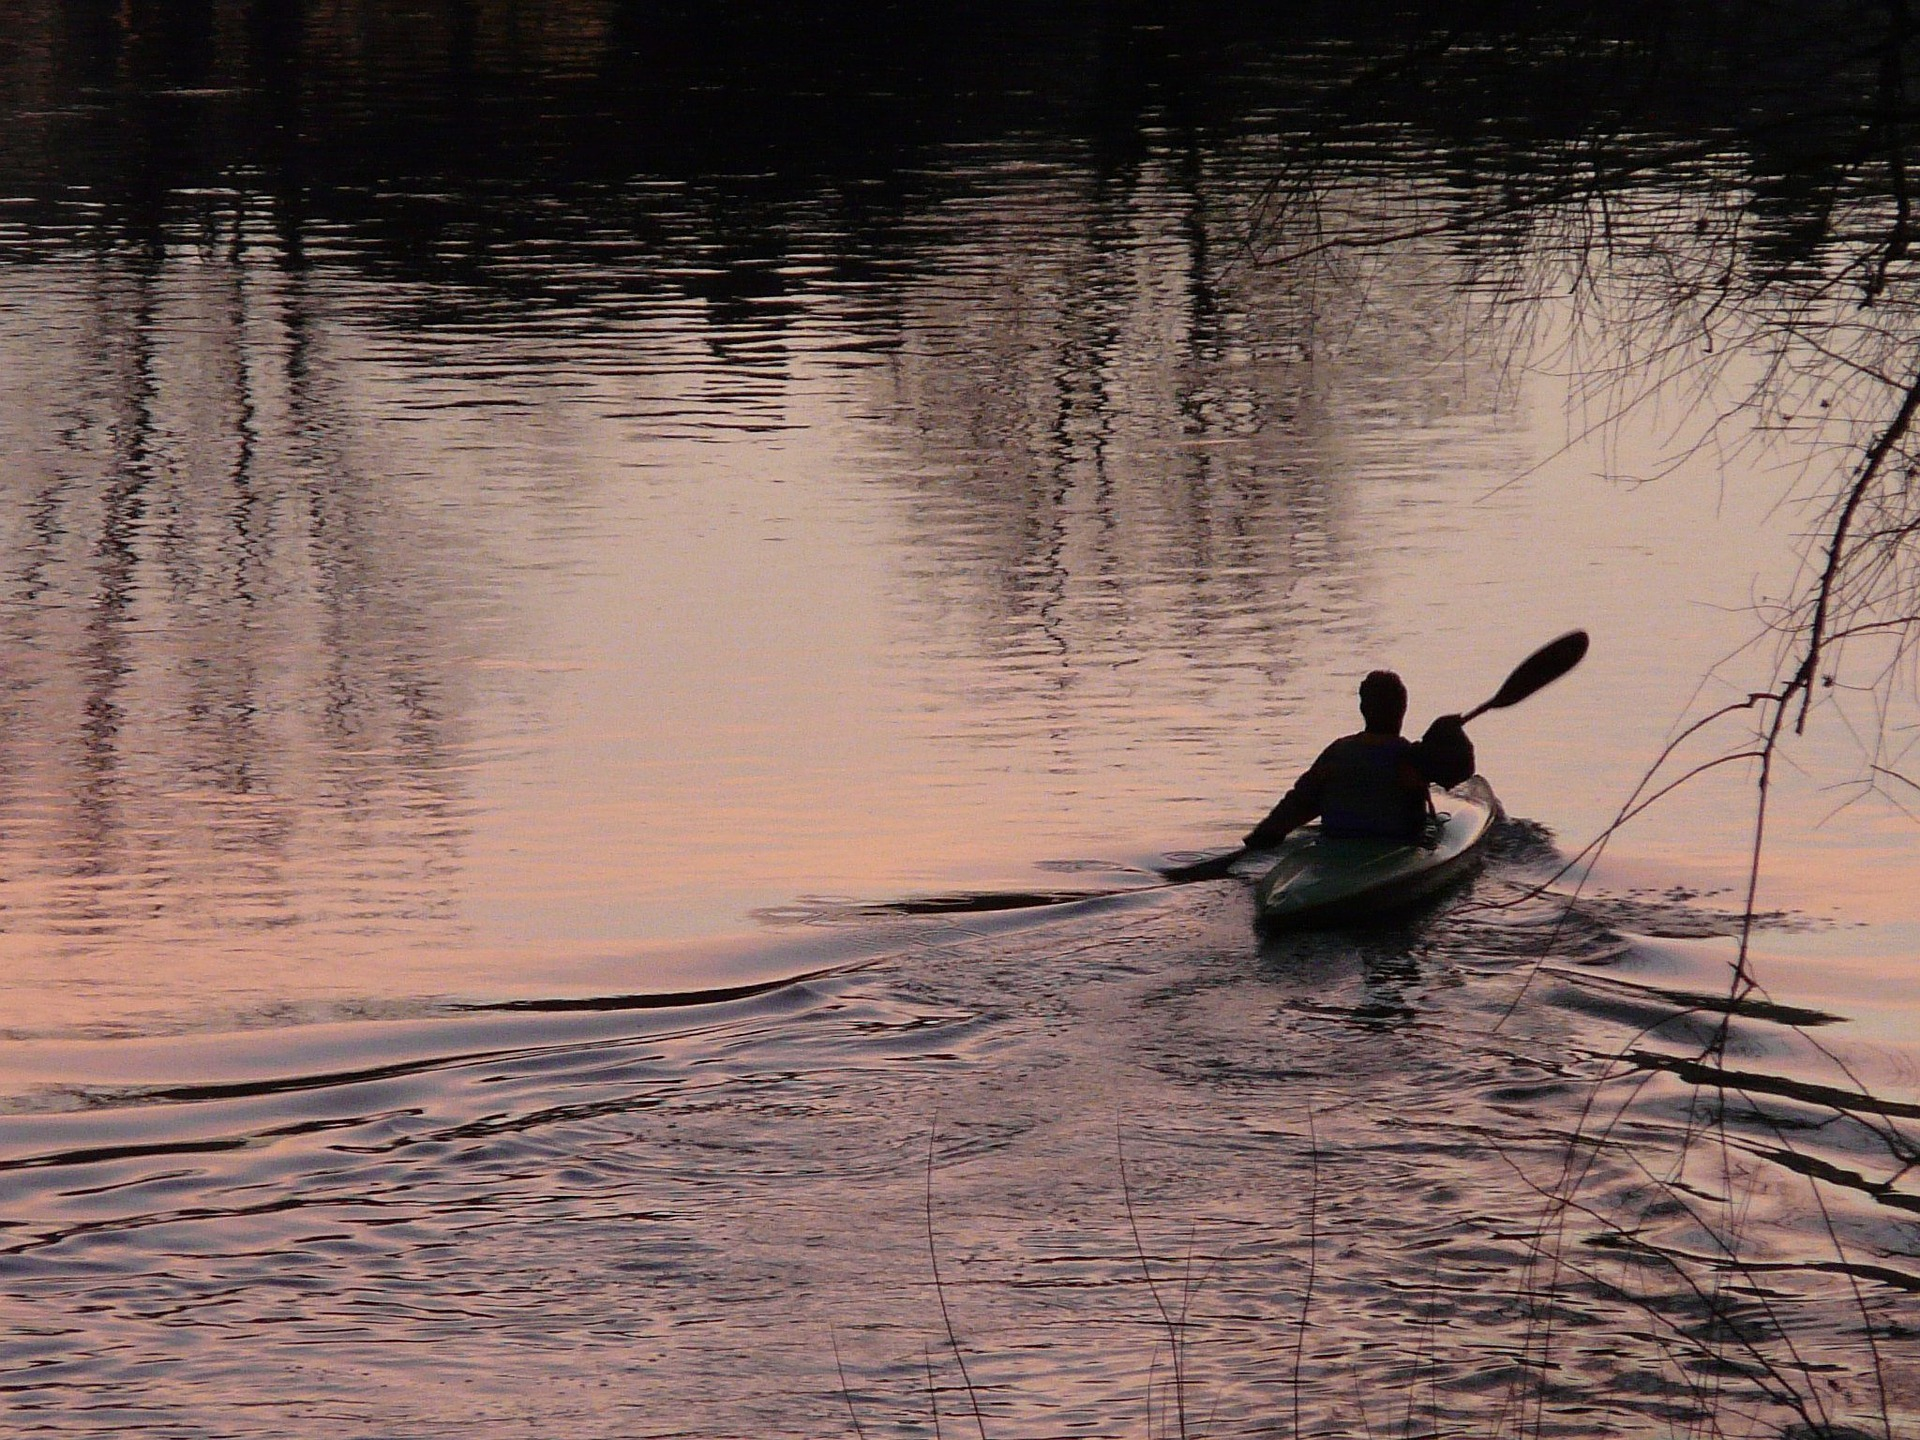 kayakers-3941_1920jpg